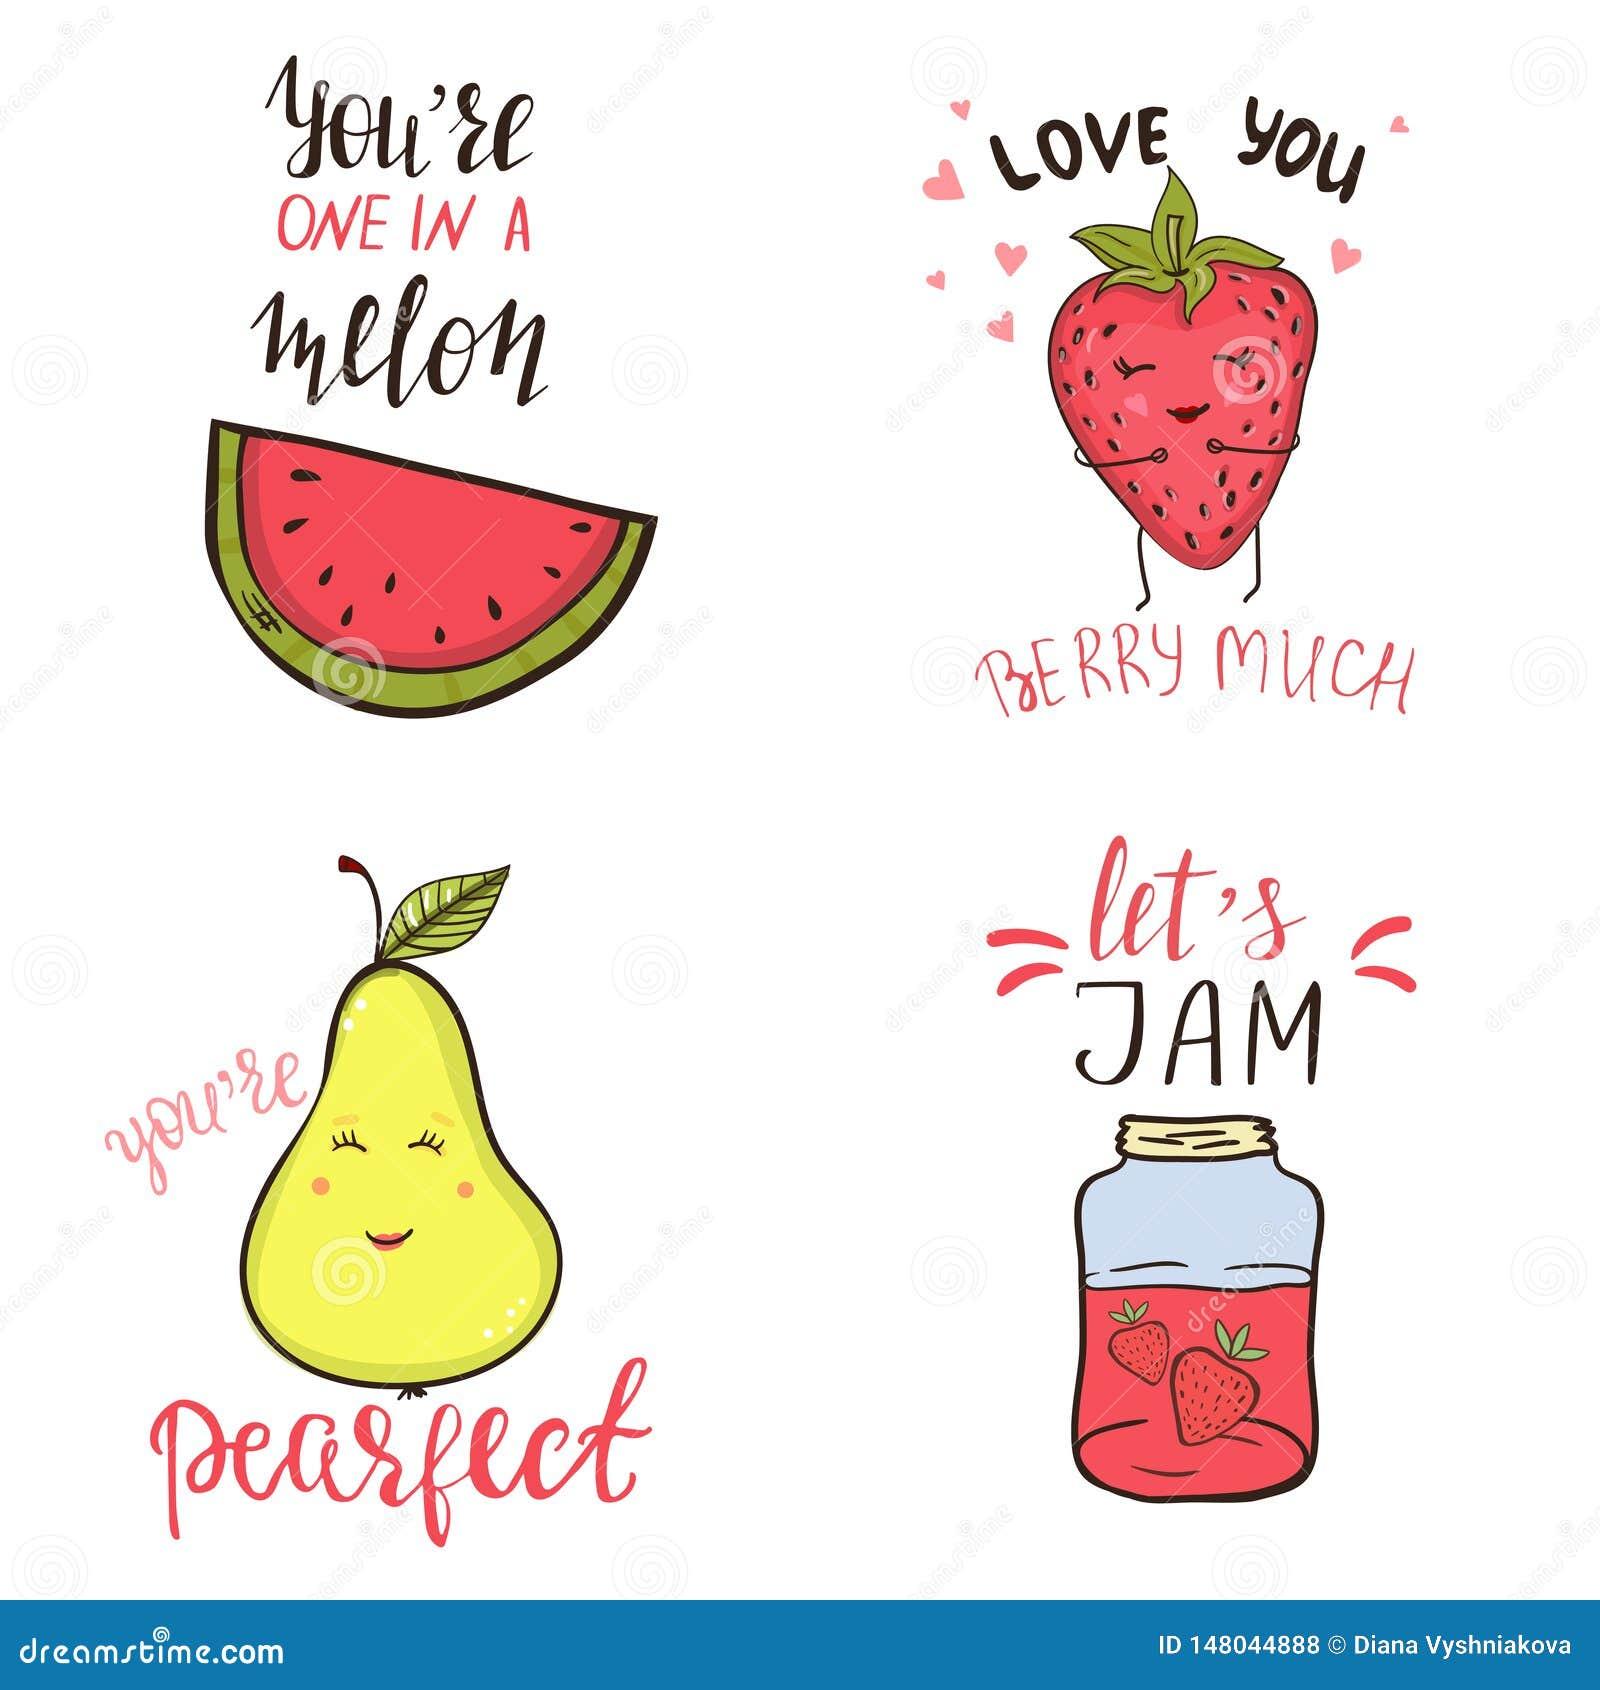 Σύνολο αστείων φράσεων λογοπαίγνιου και χαριτωμένων χαρακτήρων φρούτων